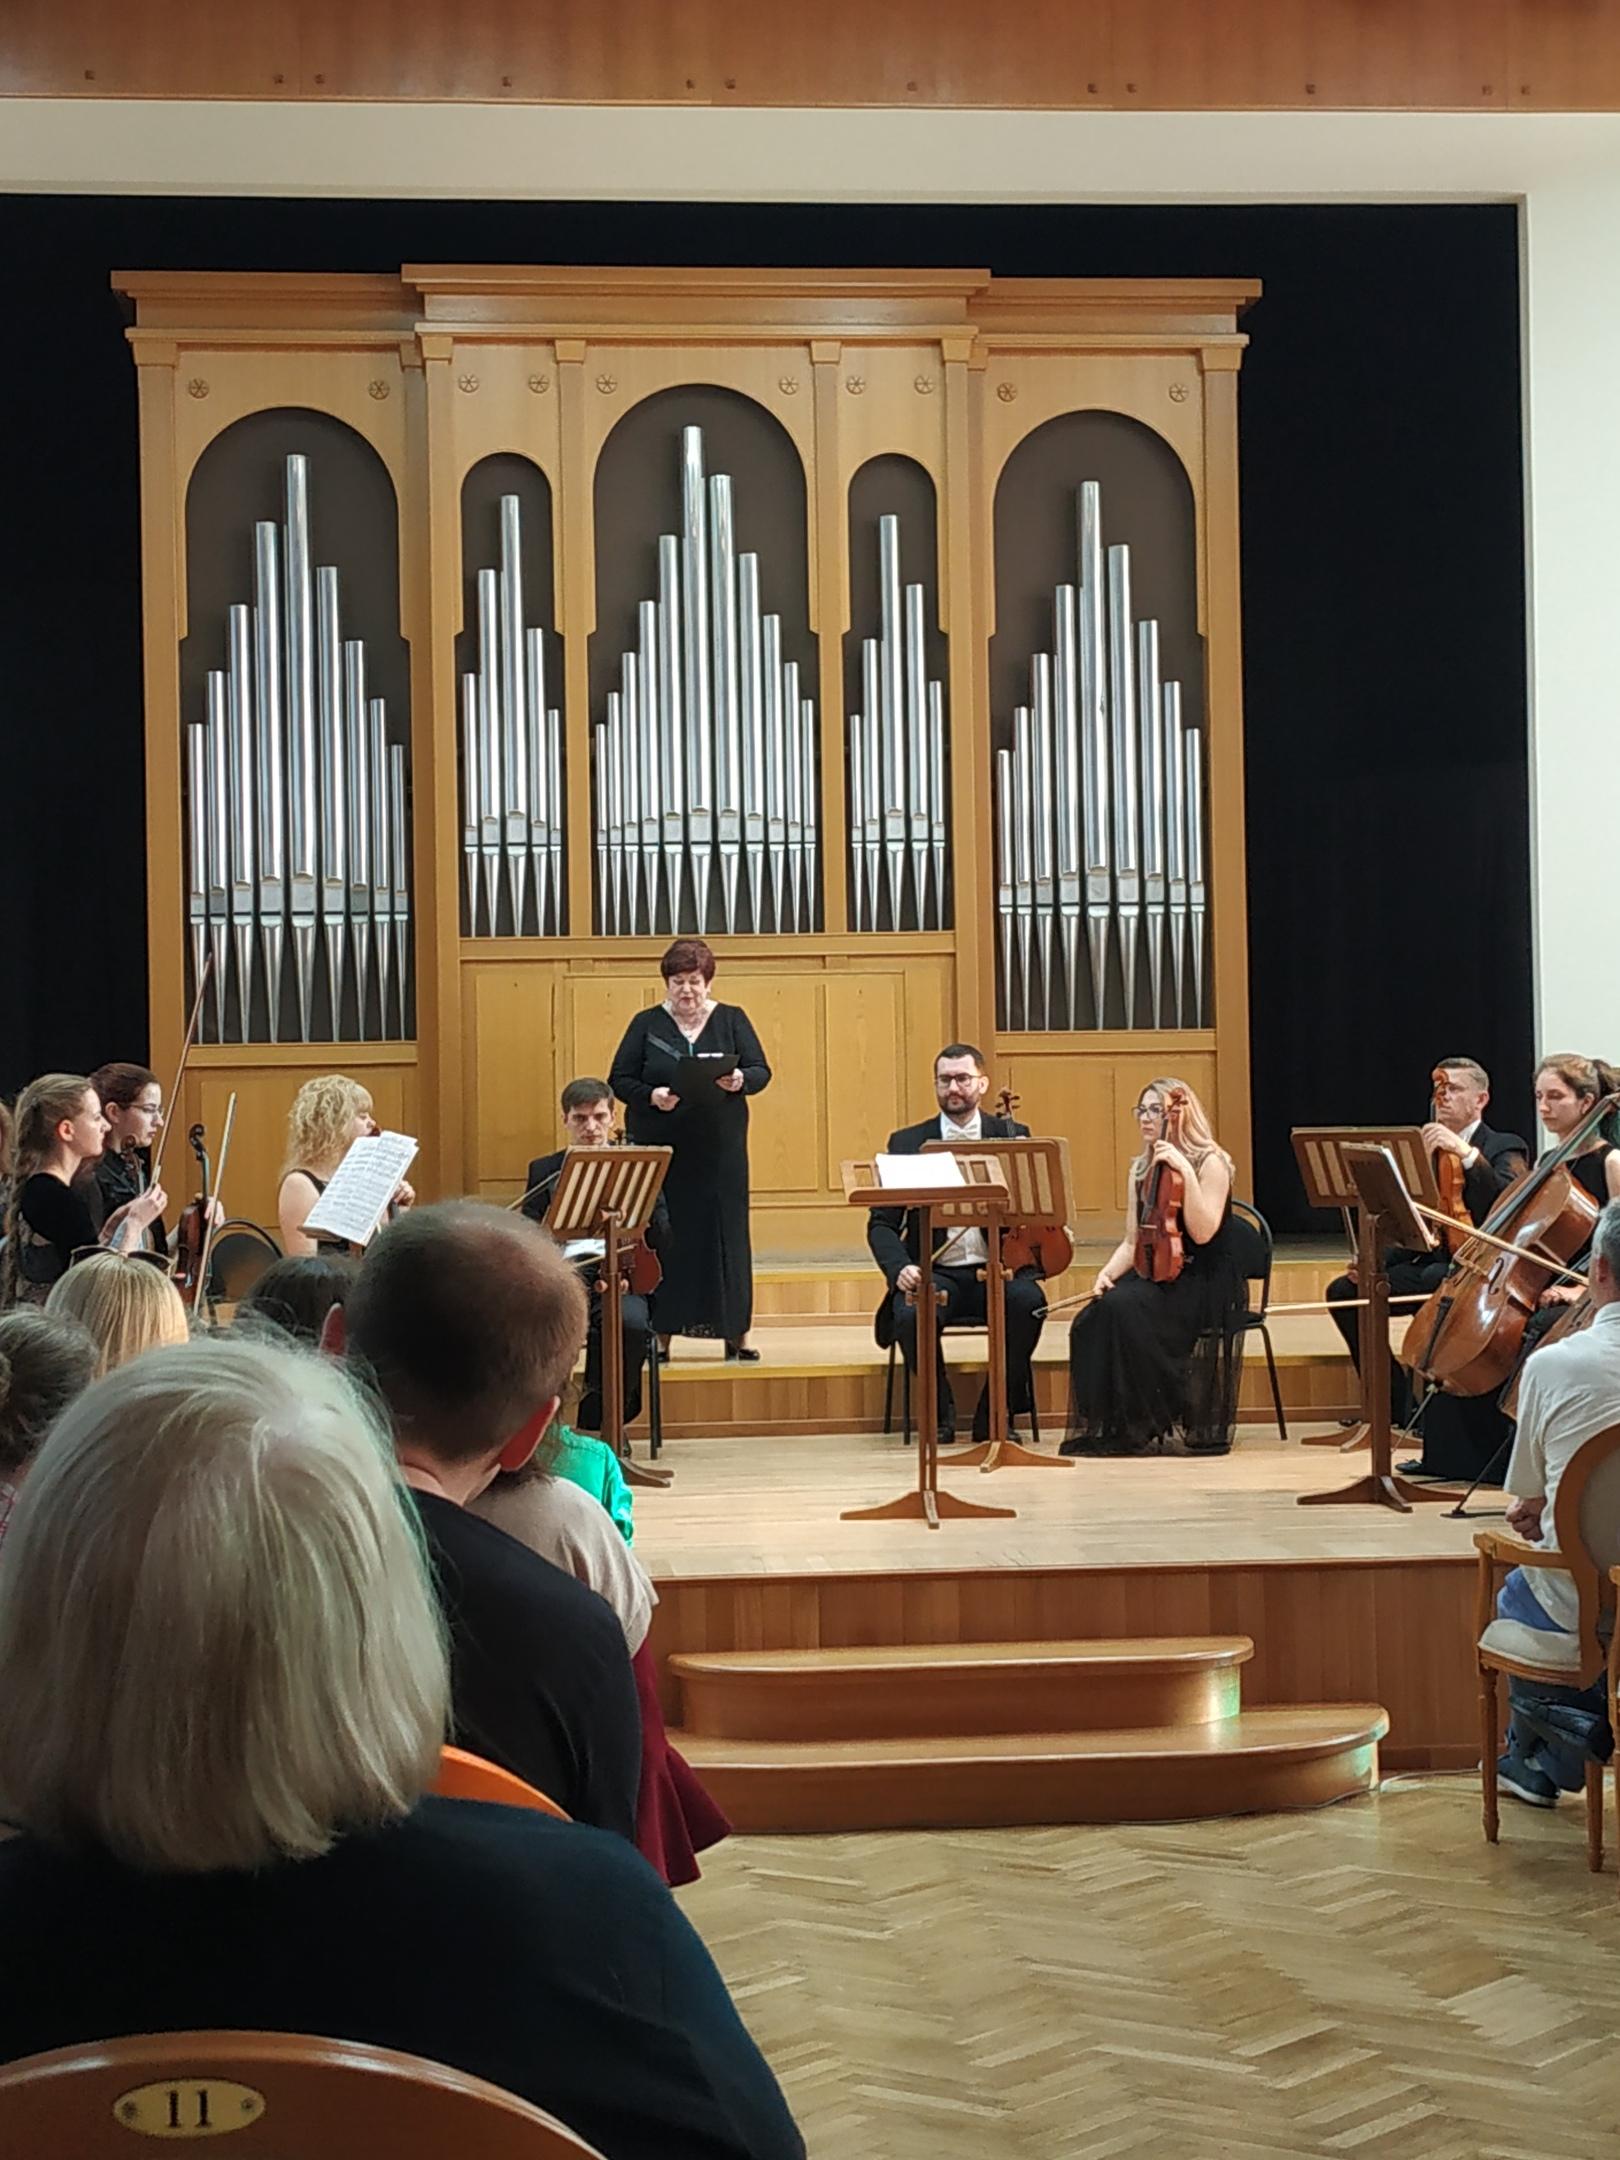 #15 — Сходить на концерт классической музыки 15